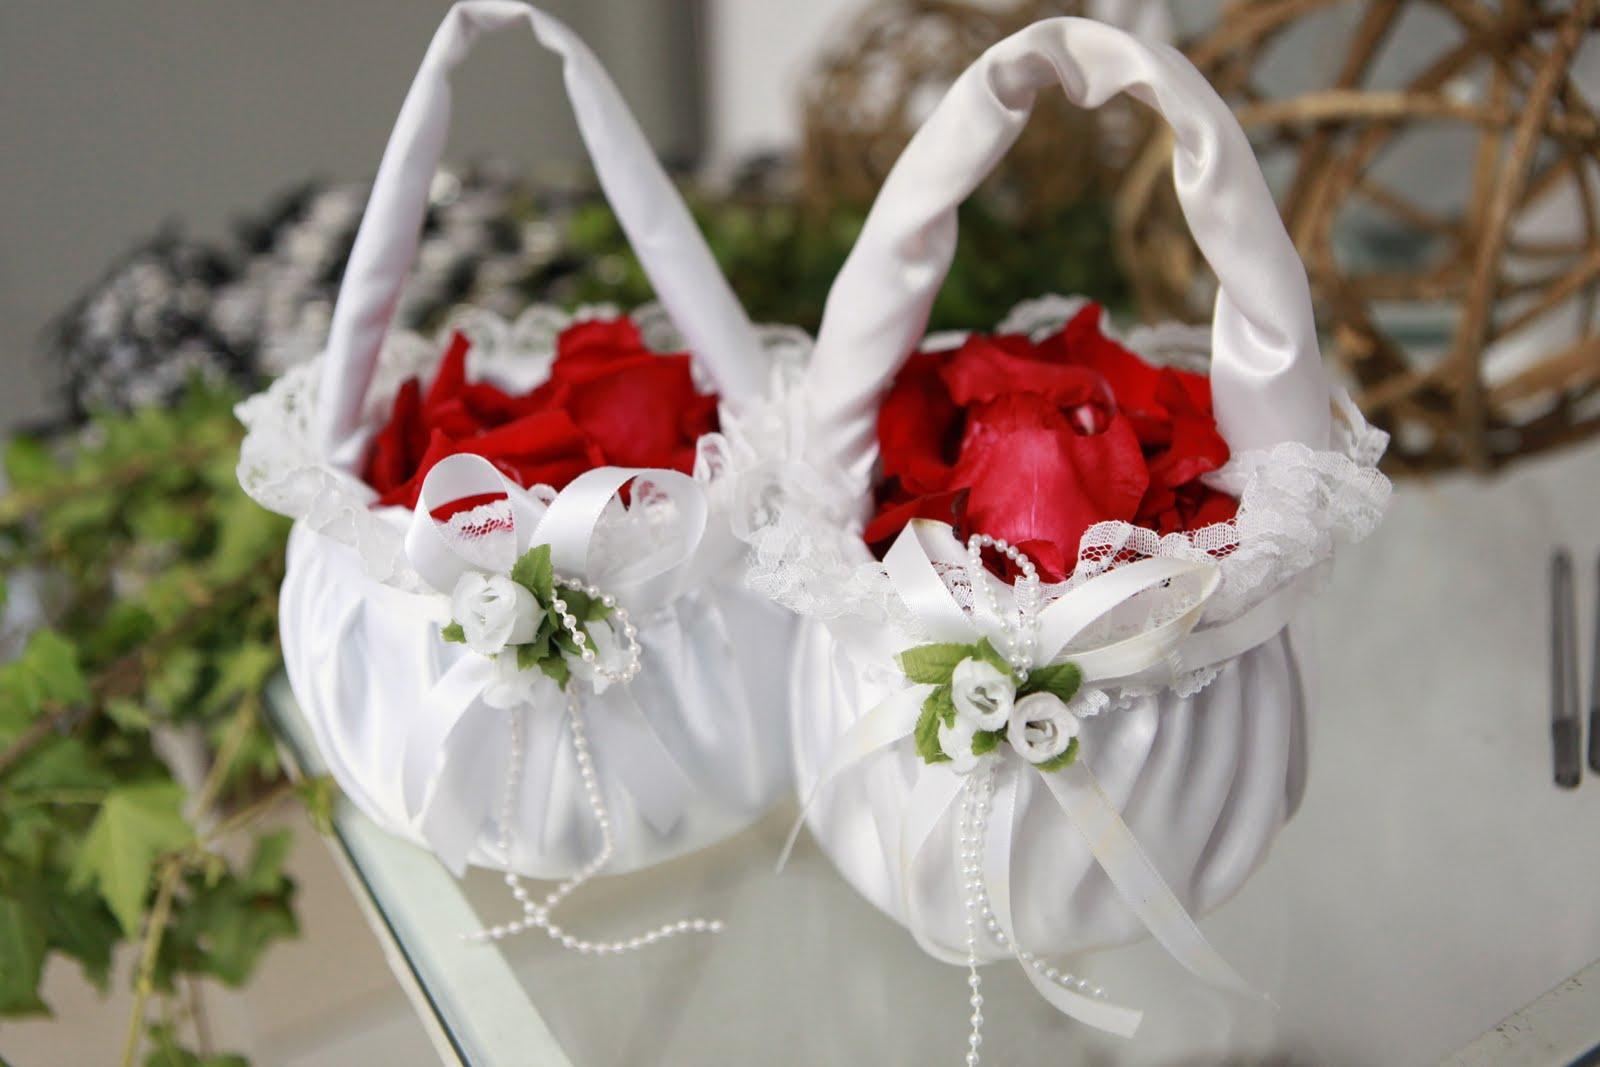 dos mais dificeis de encontrar variedade são as cestinhas da florista